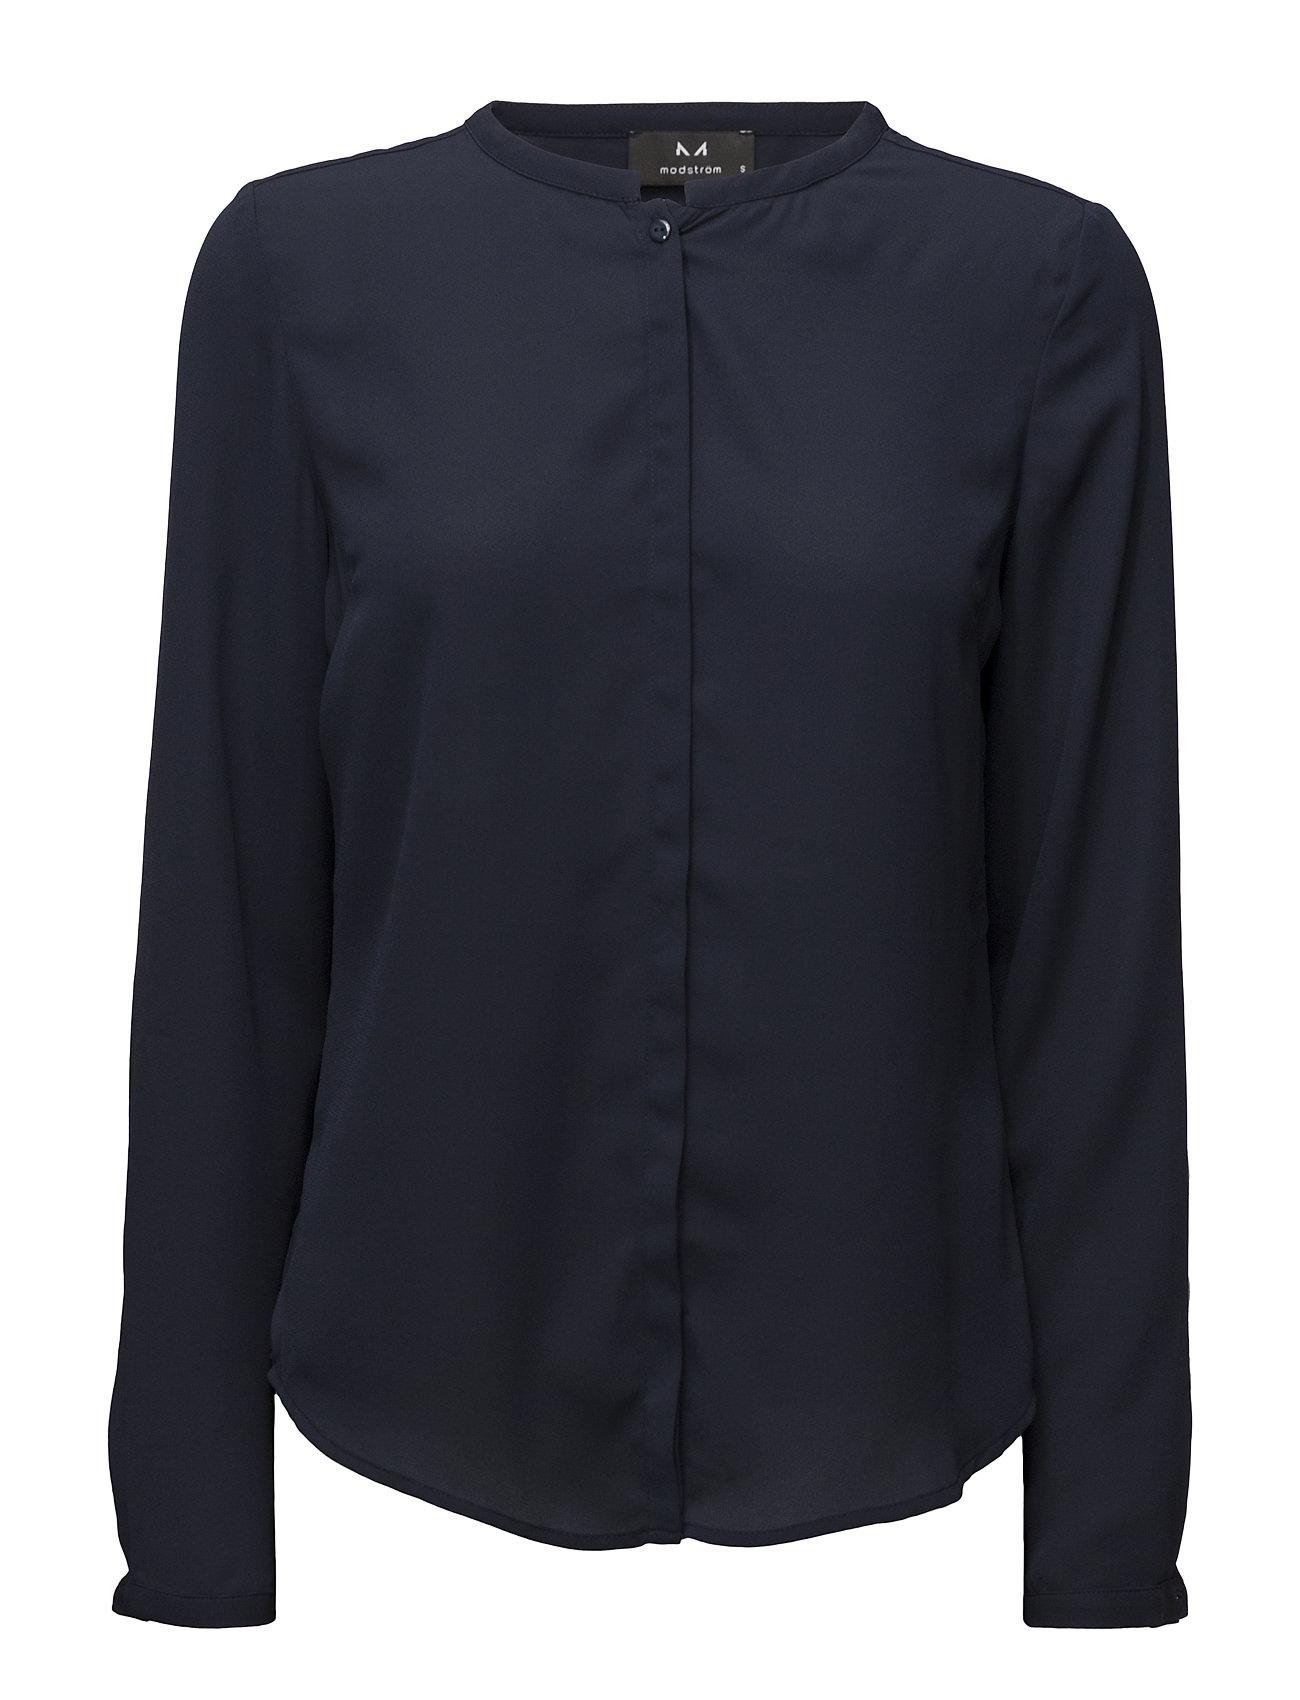 Image of Cyler Shirt Bluse Langærmet Blå Modström (2382471579)